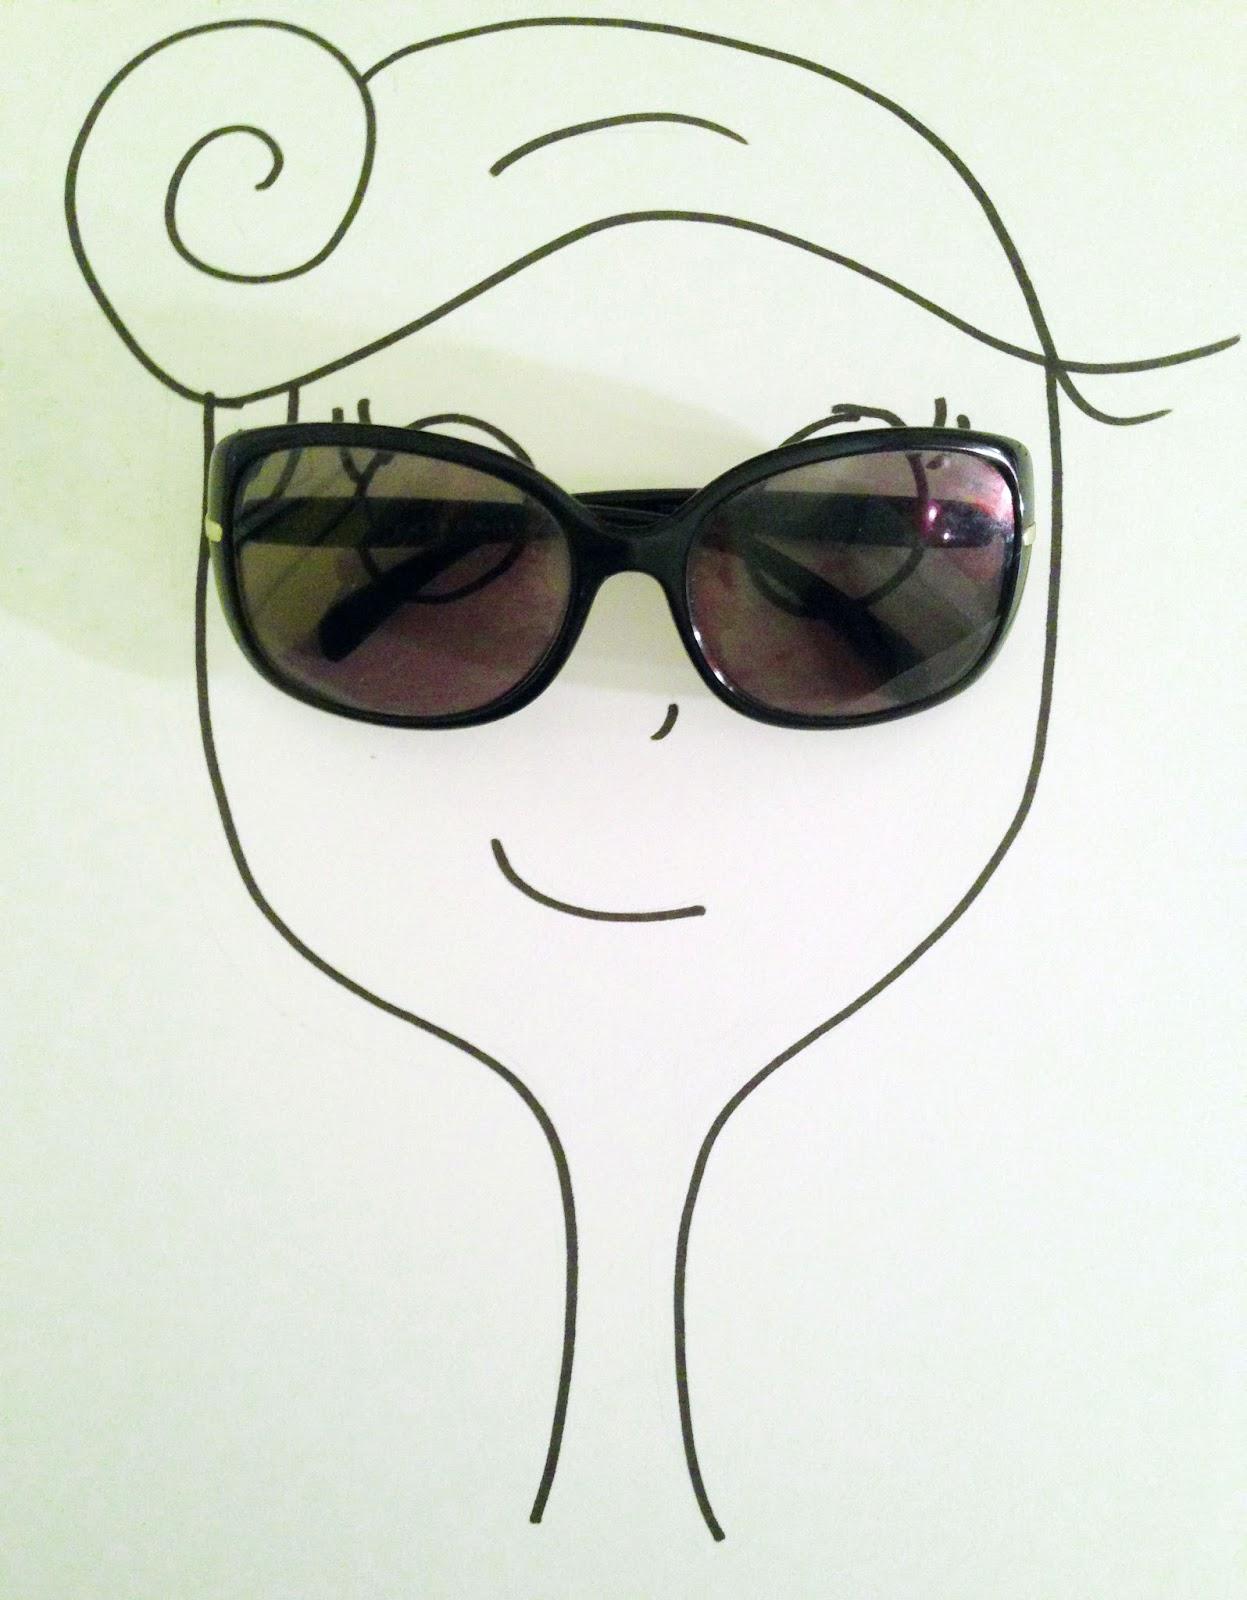 L Agenda d Agathe   Canicule  je dors avec mes lunettes de soleil ... 8b08b10153d